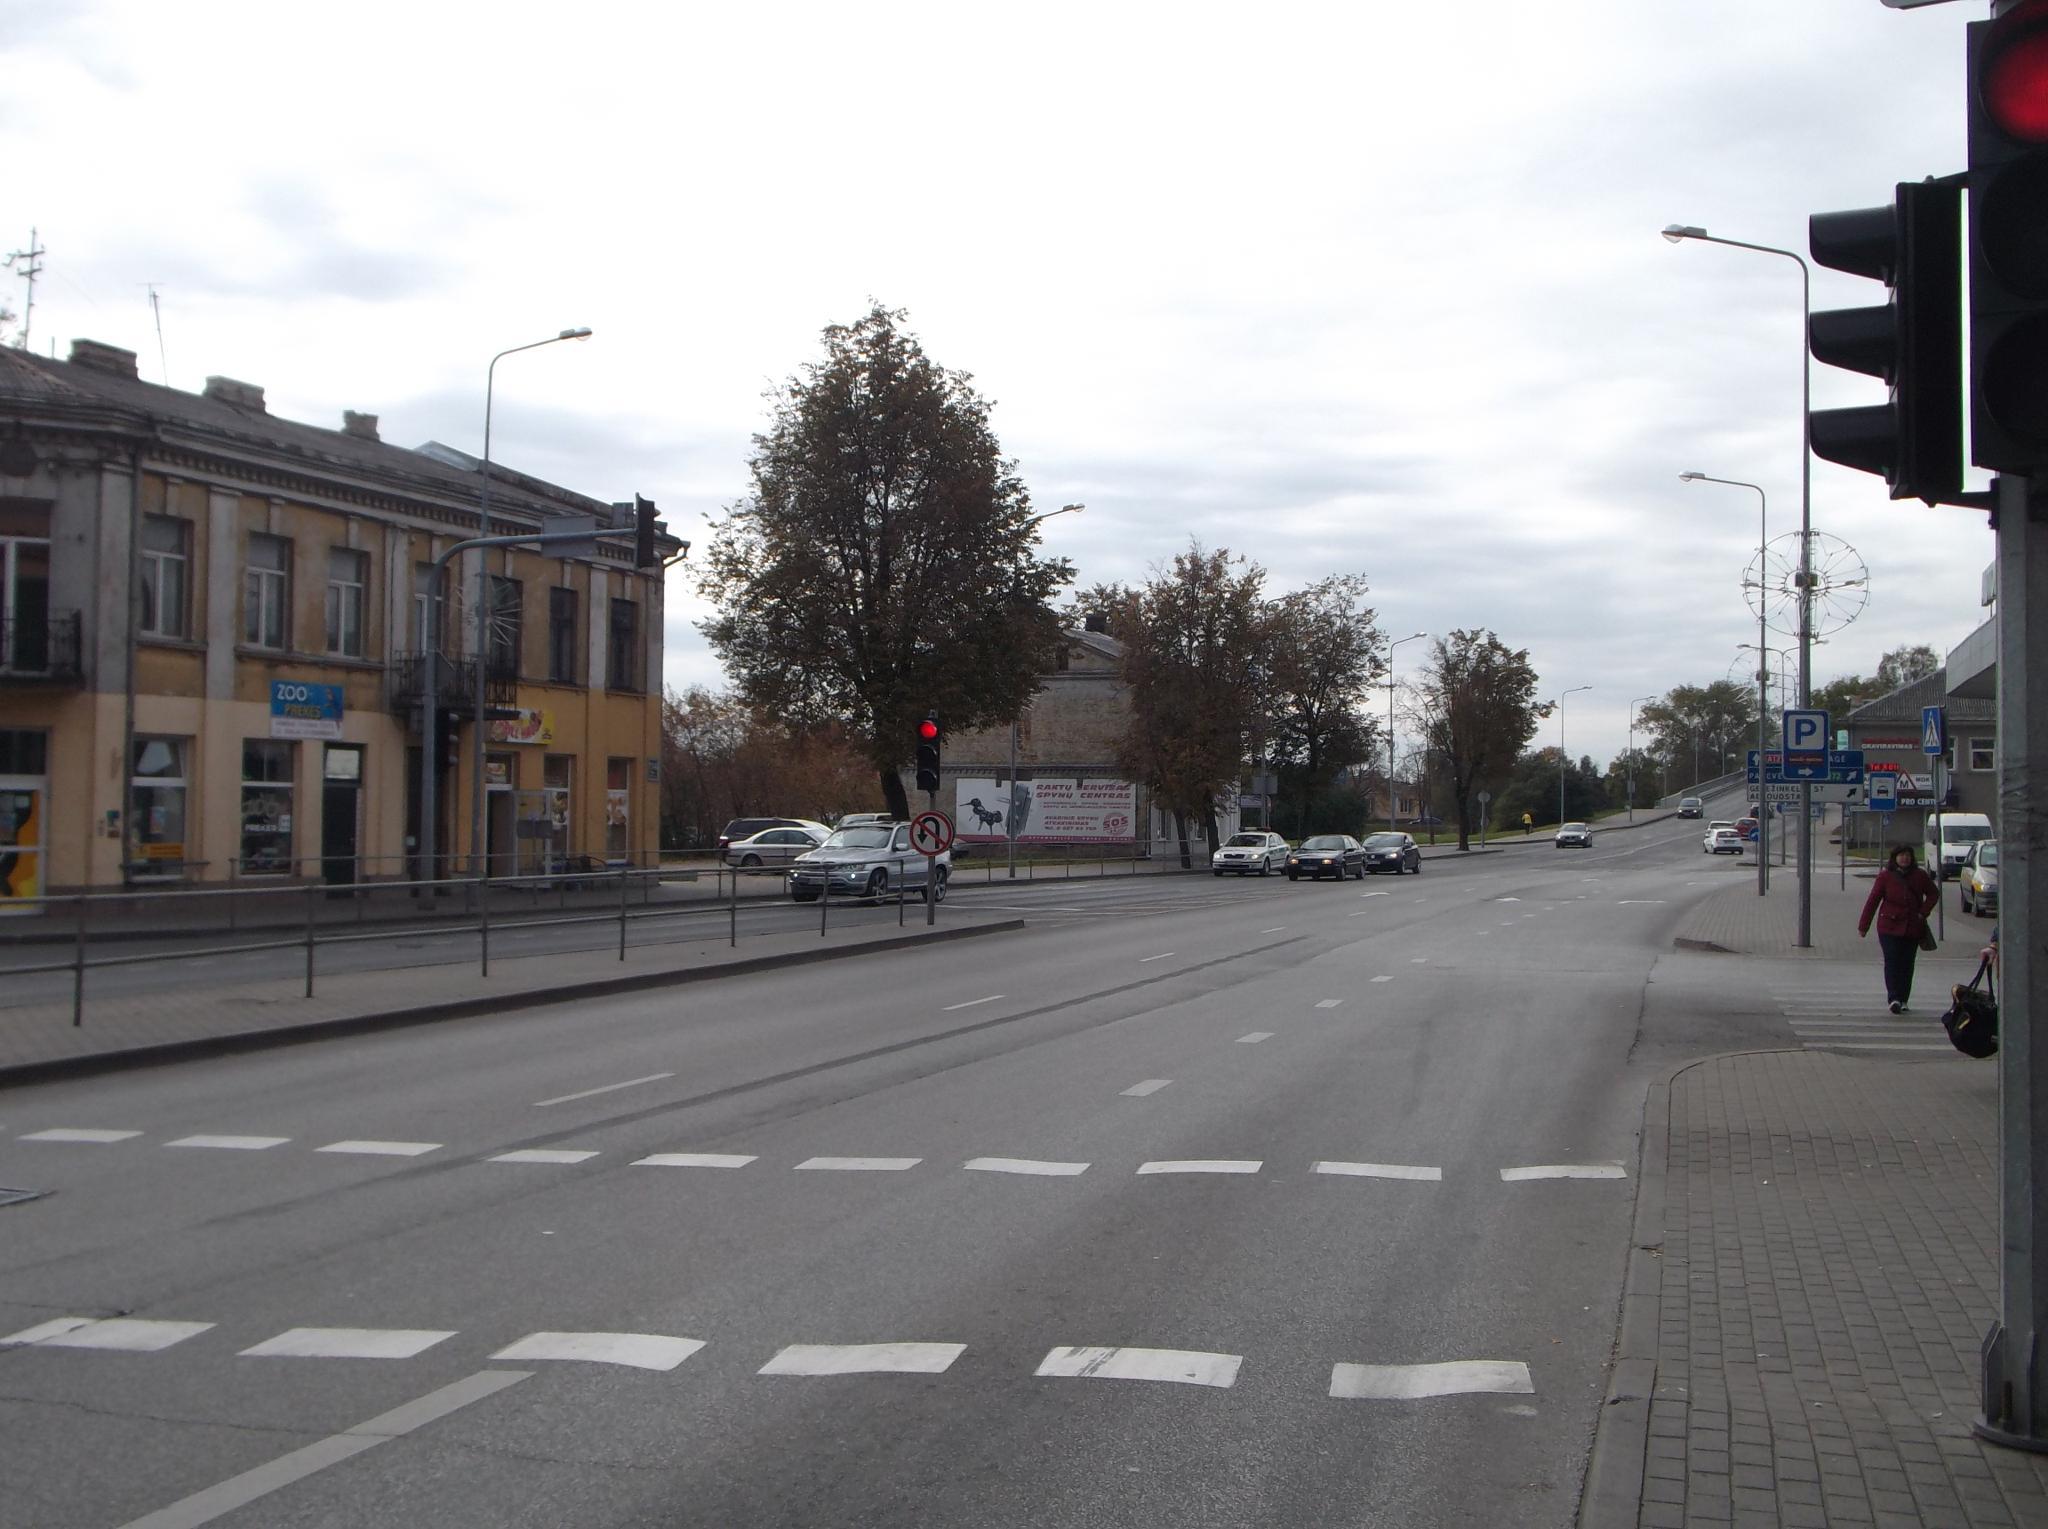 City of Siauliai by Zita Užkuraitienė